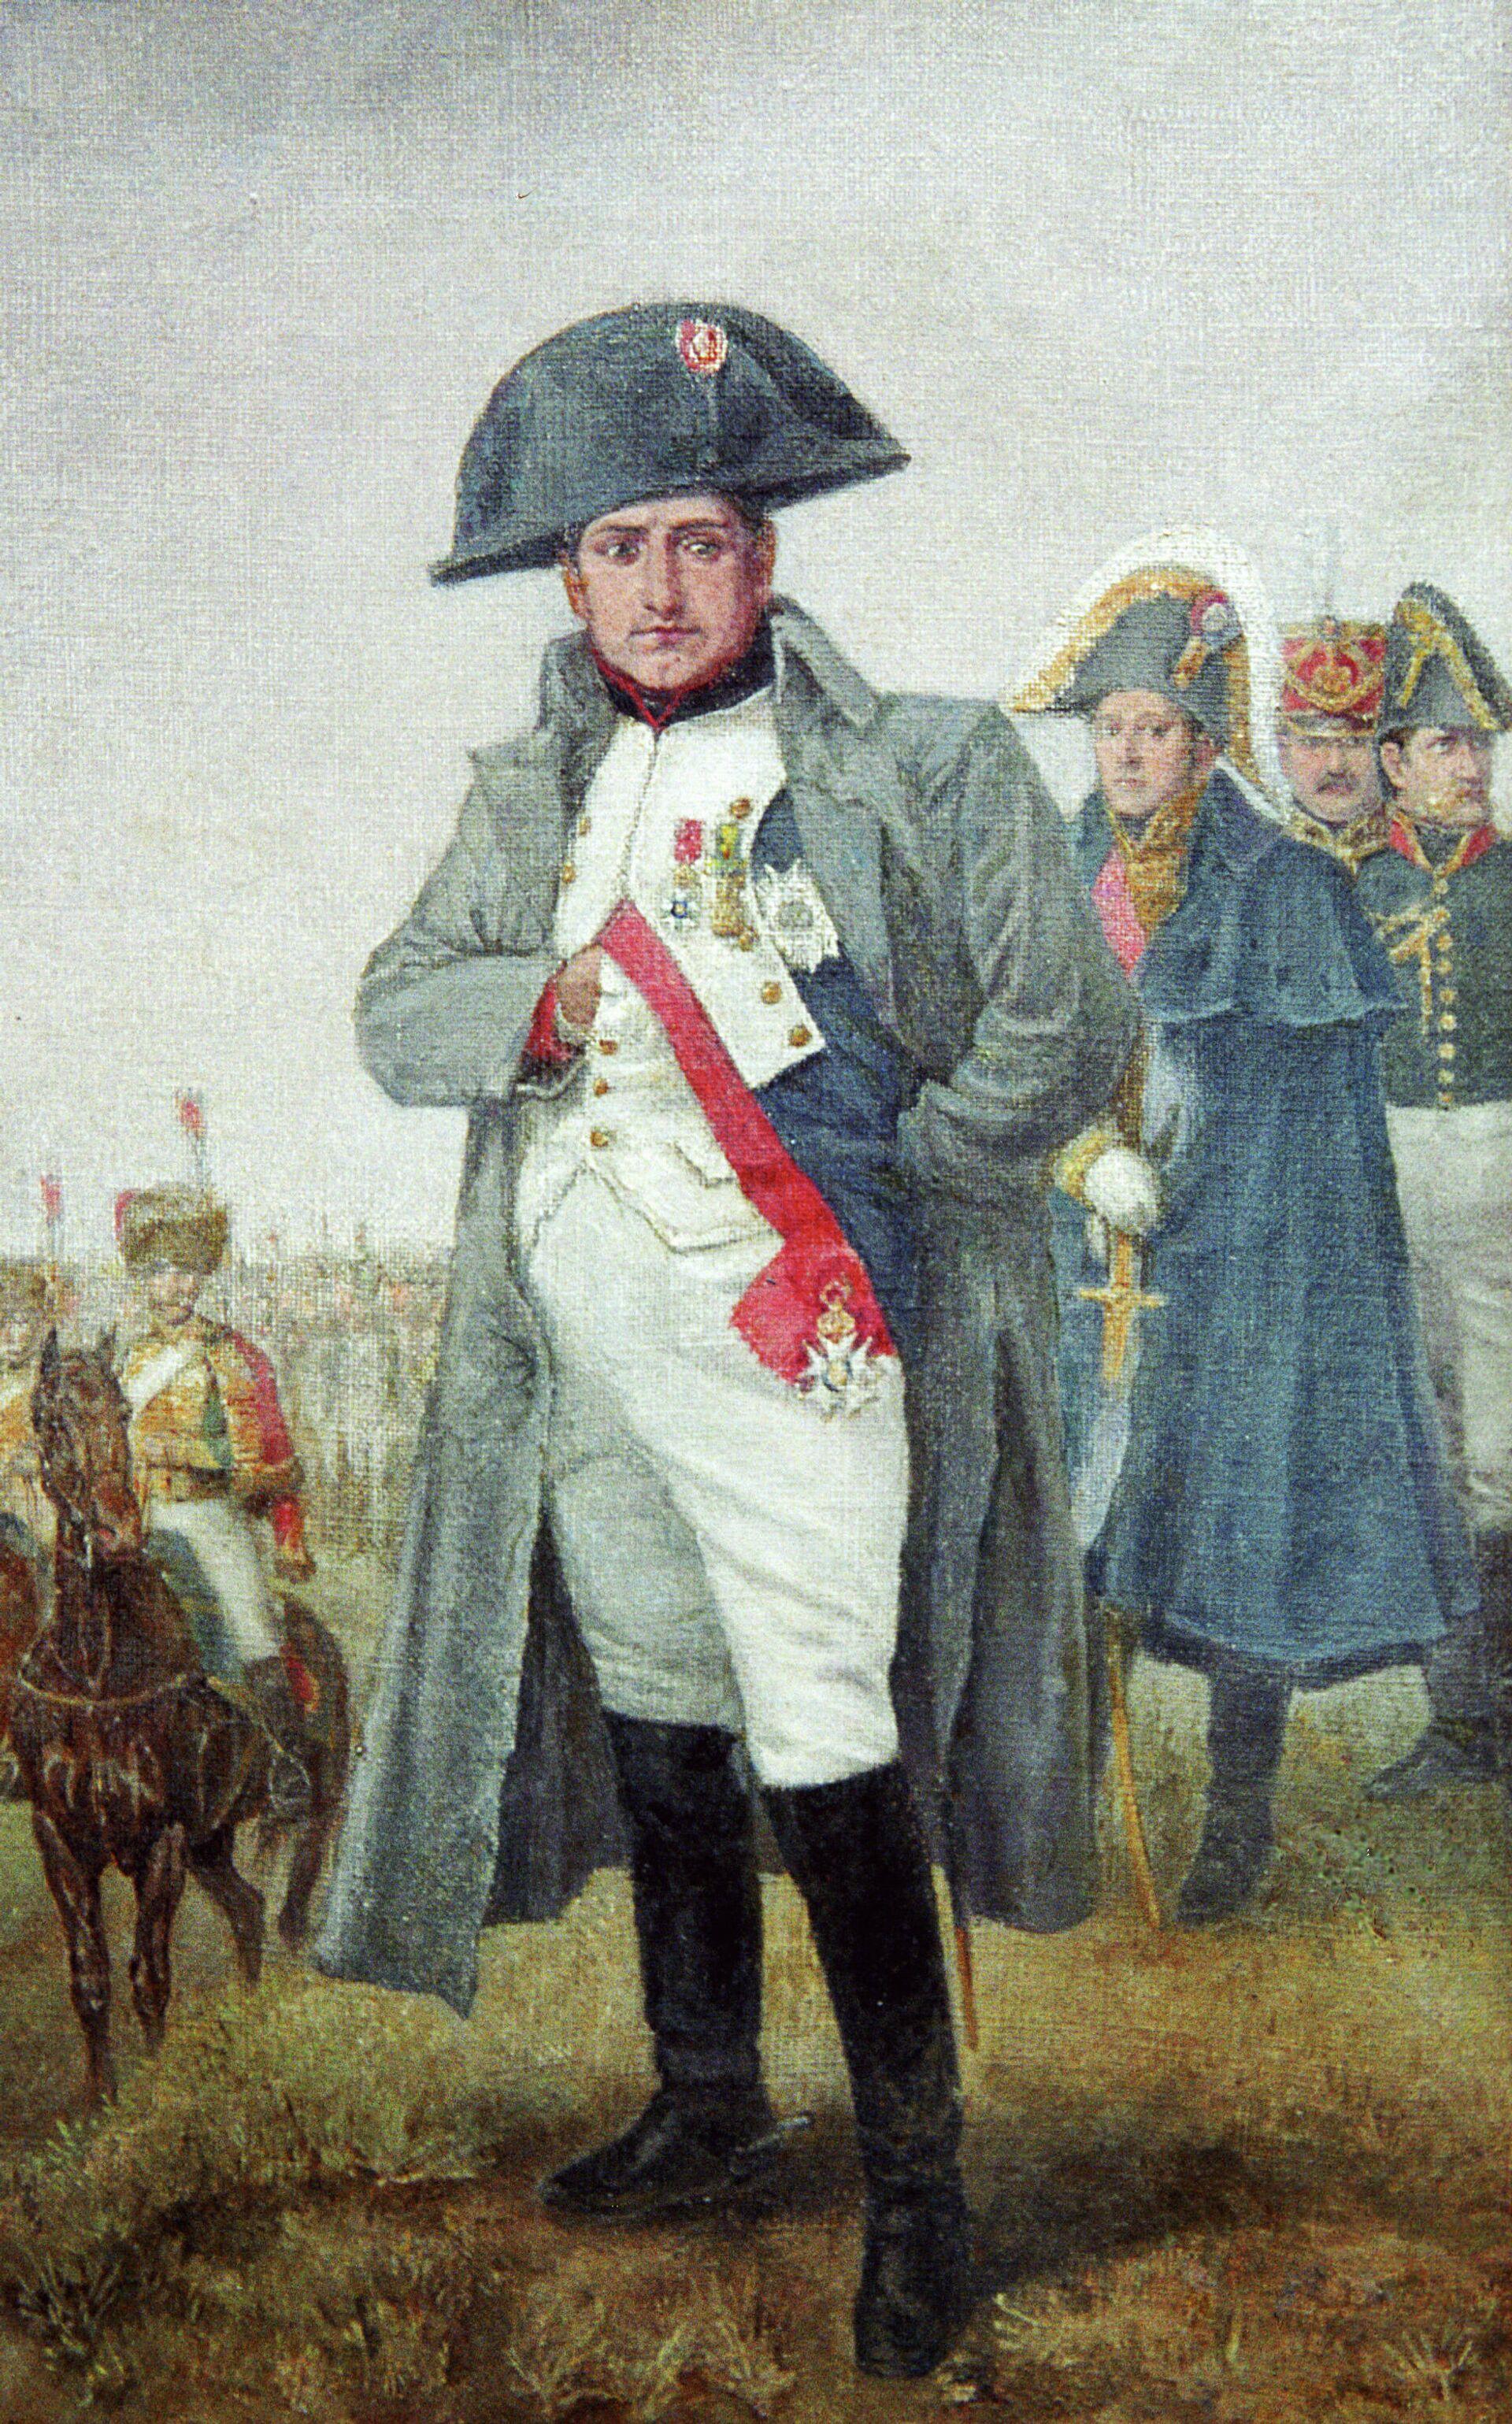 Репродукция портрета Наполеона, написанного неизвестным художником в конце XIX века - РИА Новости, 1920, 15.08.2021